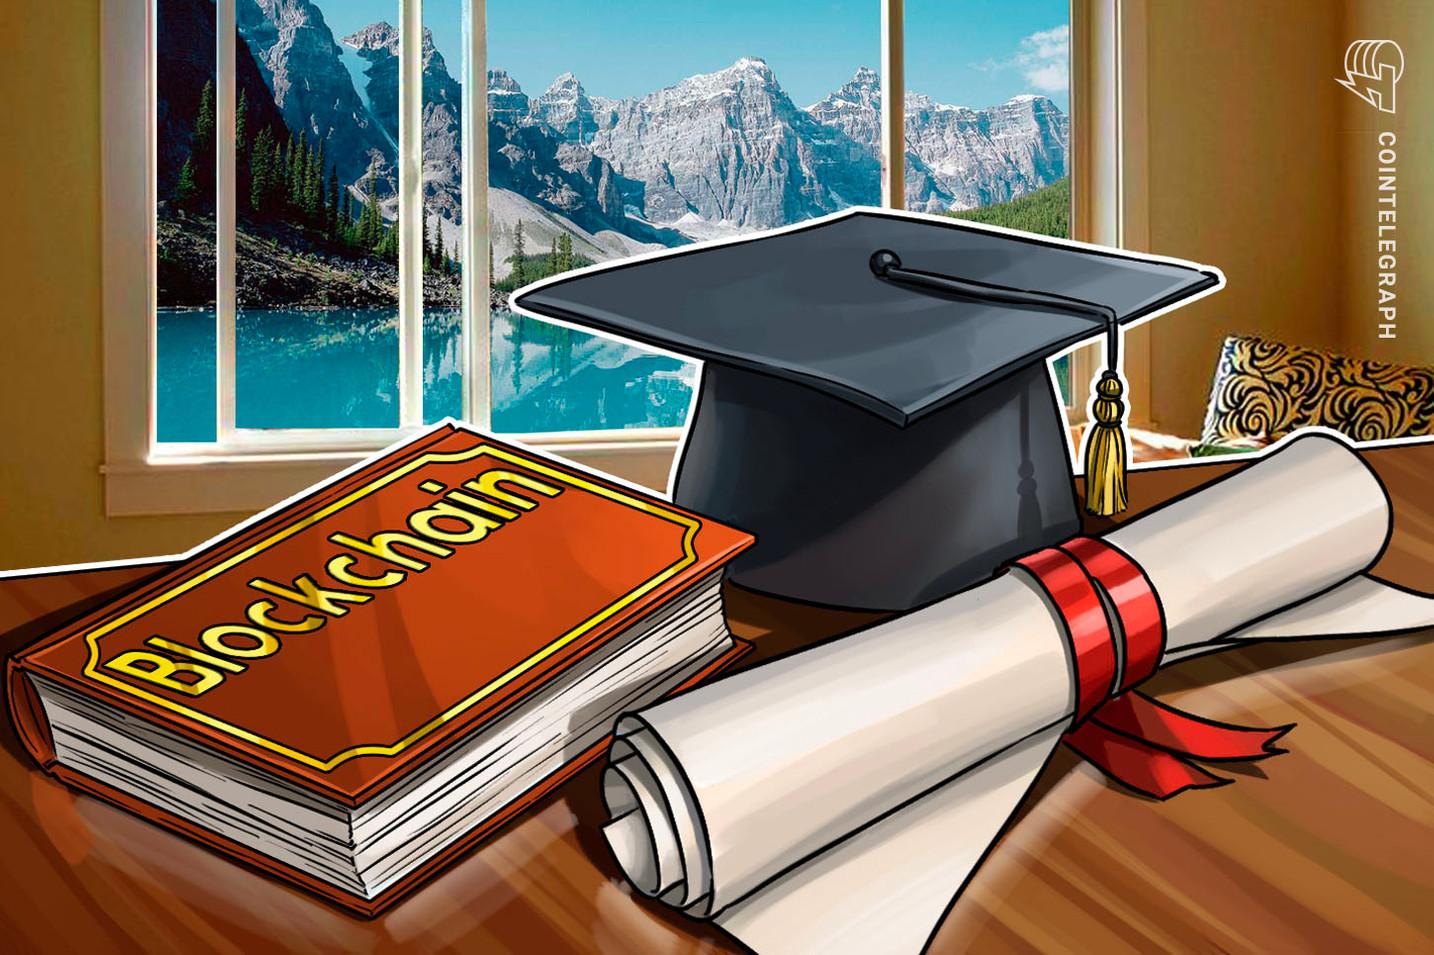 Universidad canadiense emitirá diplomas basados en blockchain para la clase de 2019